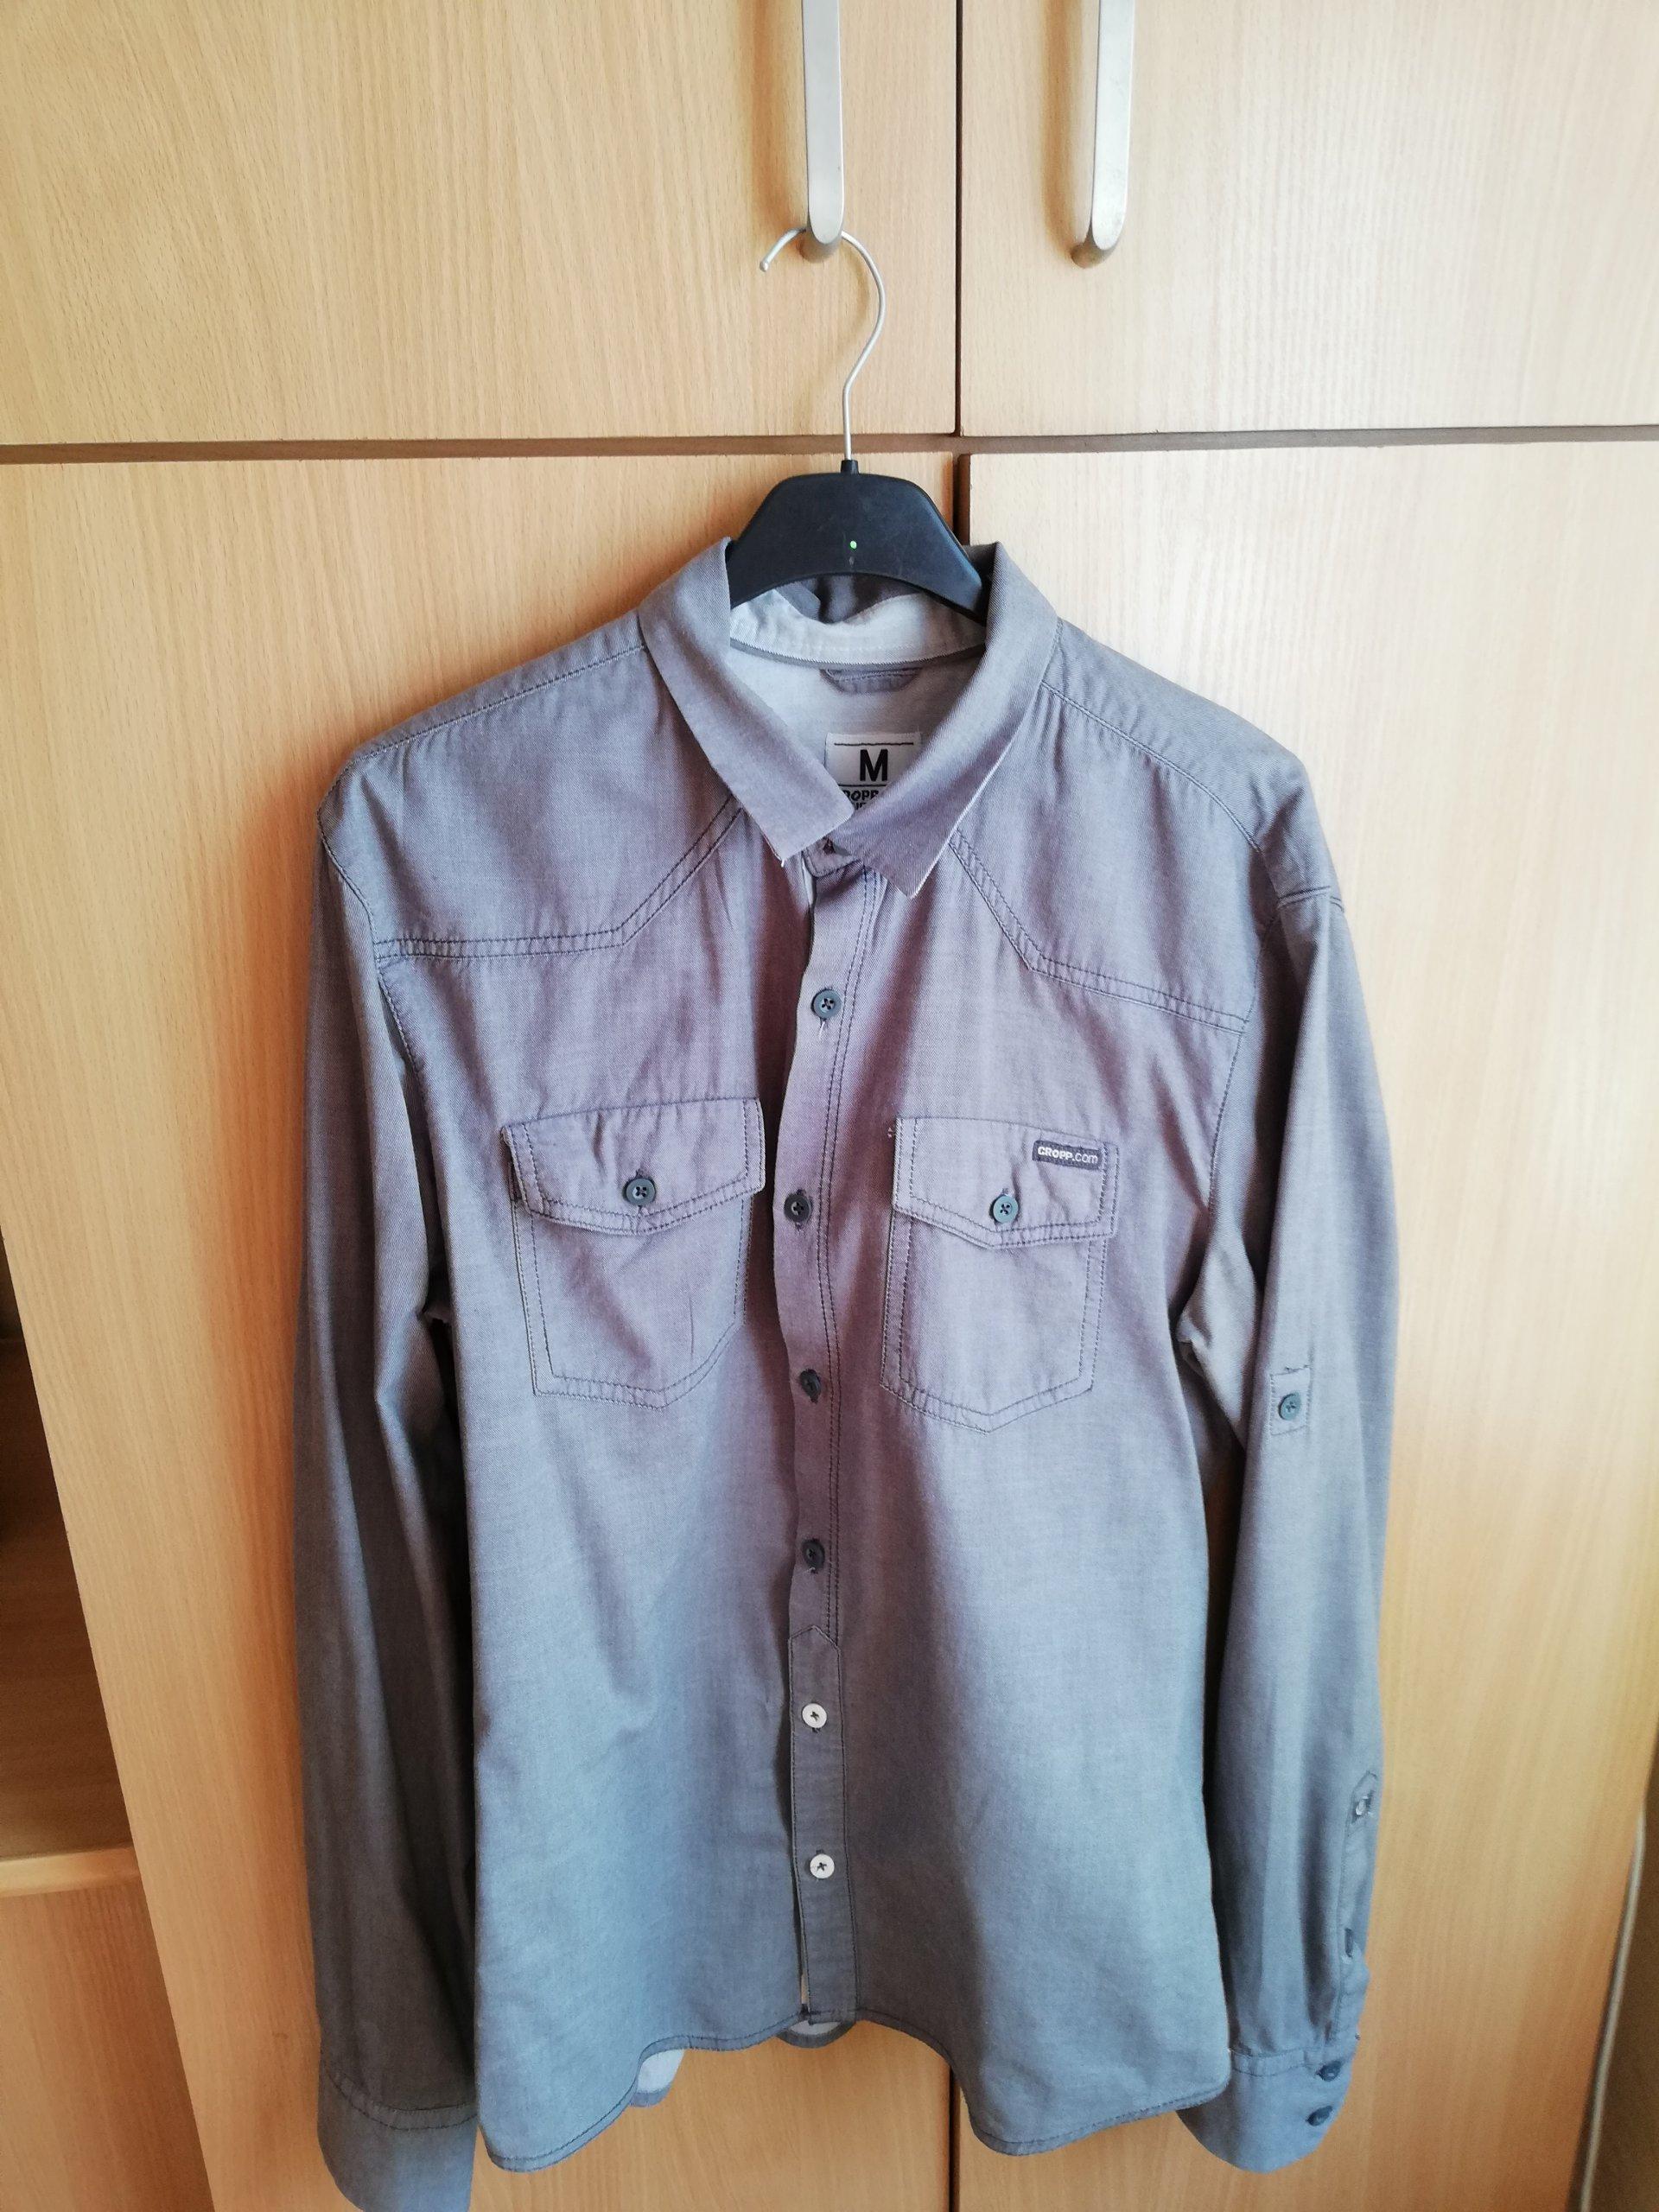 6777909fd Koszula męska Cropp używana , długi rękaw M - 7253238872 - oficjalne ...